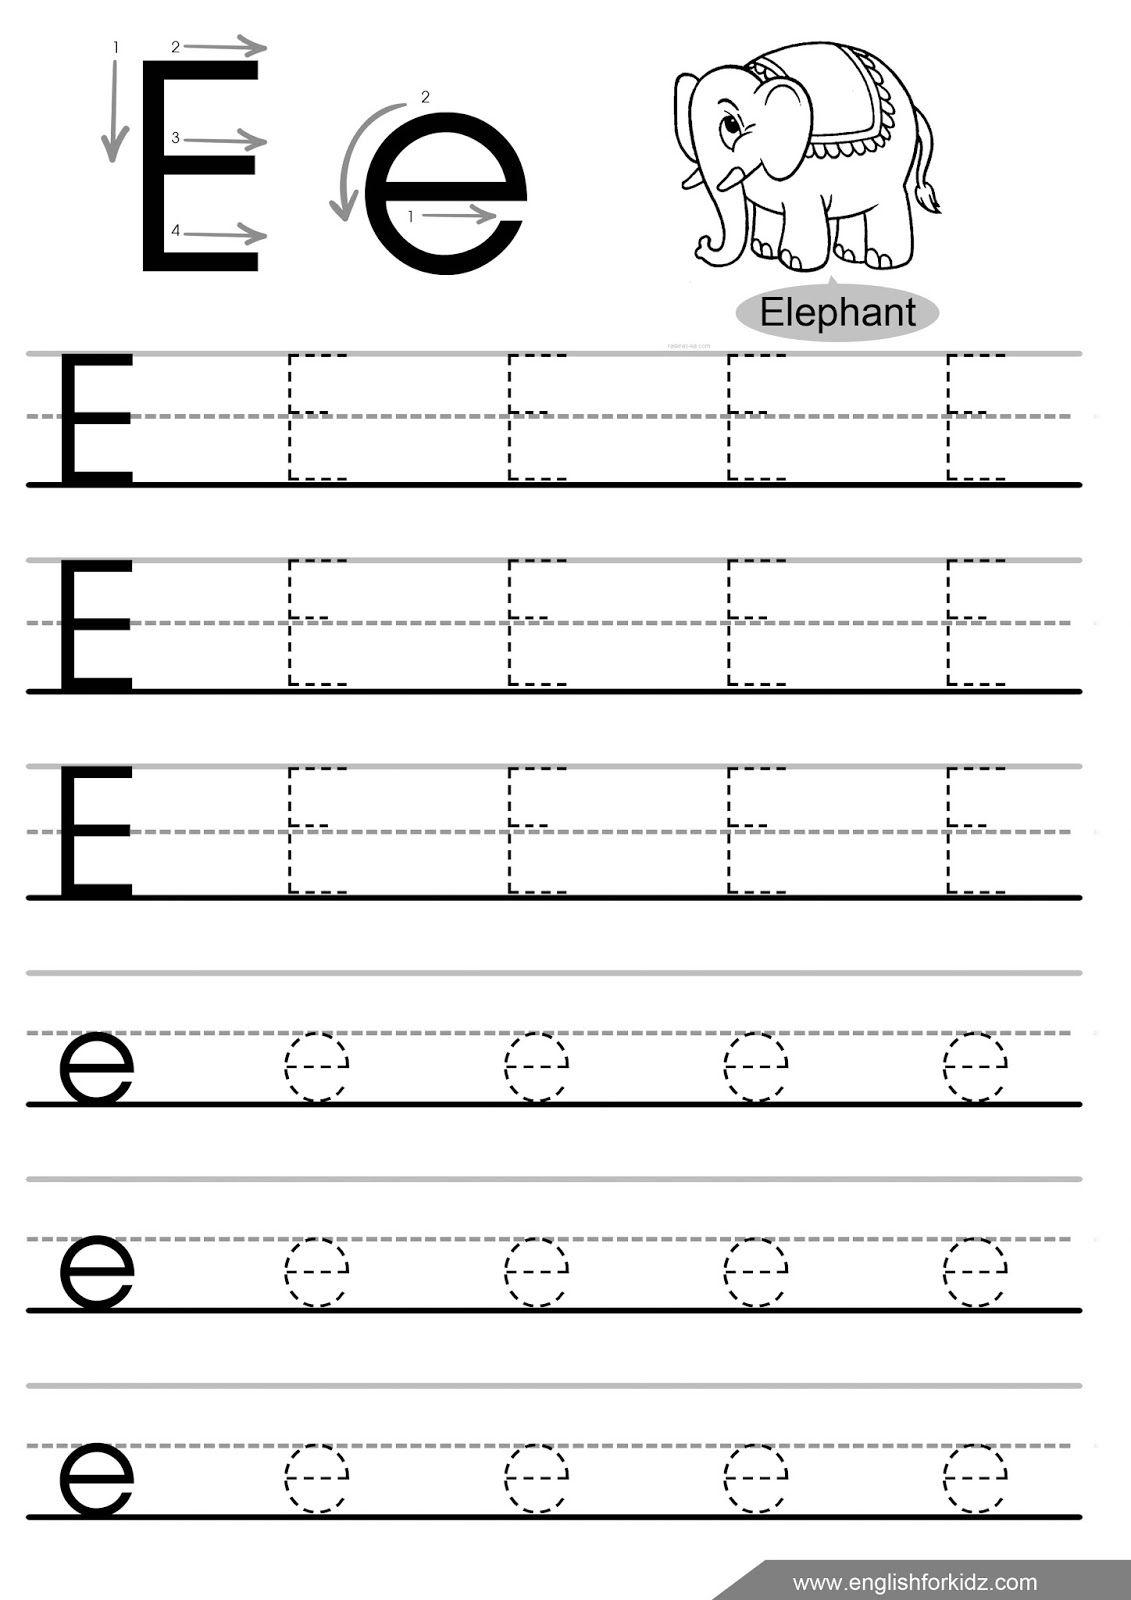 Letter Tracing Worksheets Letters A J | Letter Worksheets within Letter E Worksheets Tracing